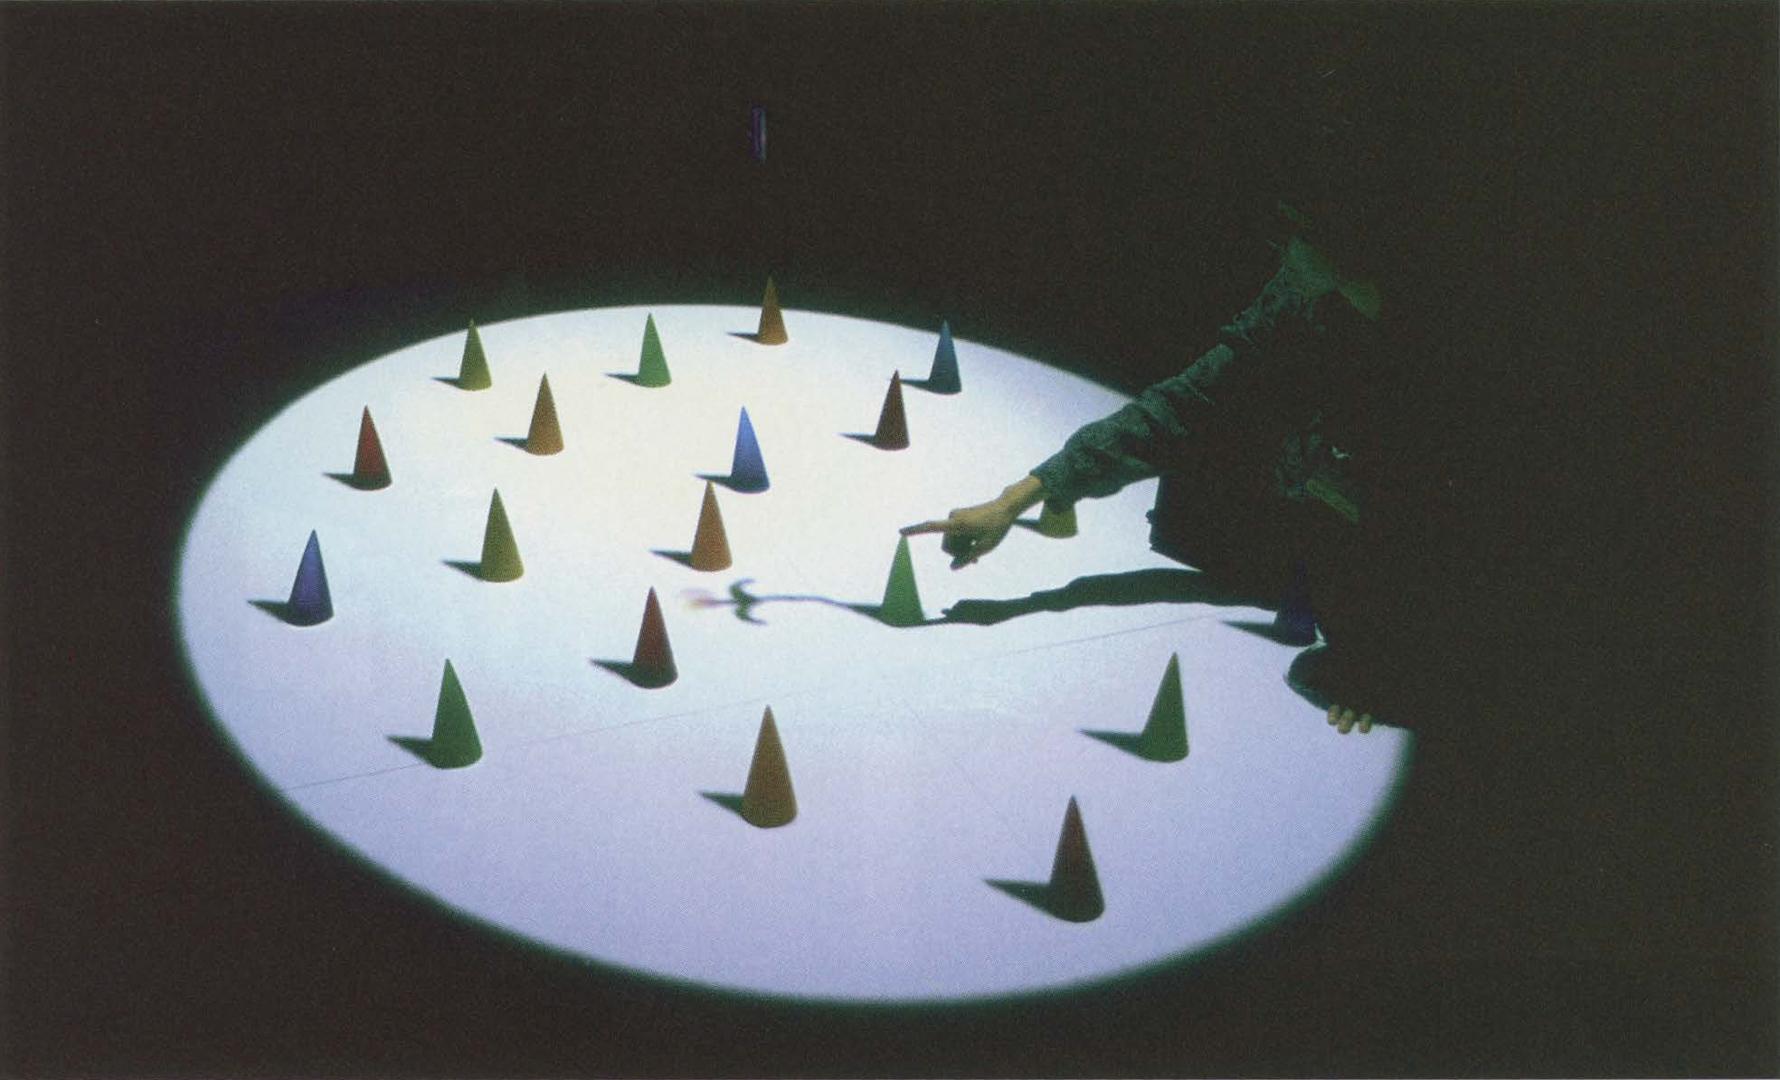 ©1997, Motoshi Chikamori and Kyoko Kunoh